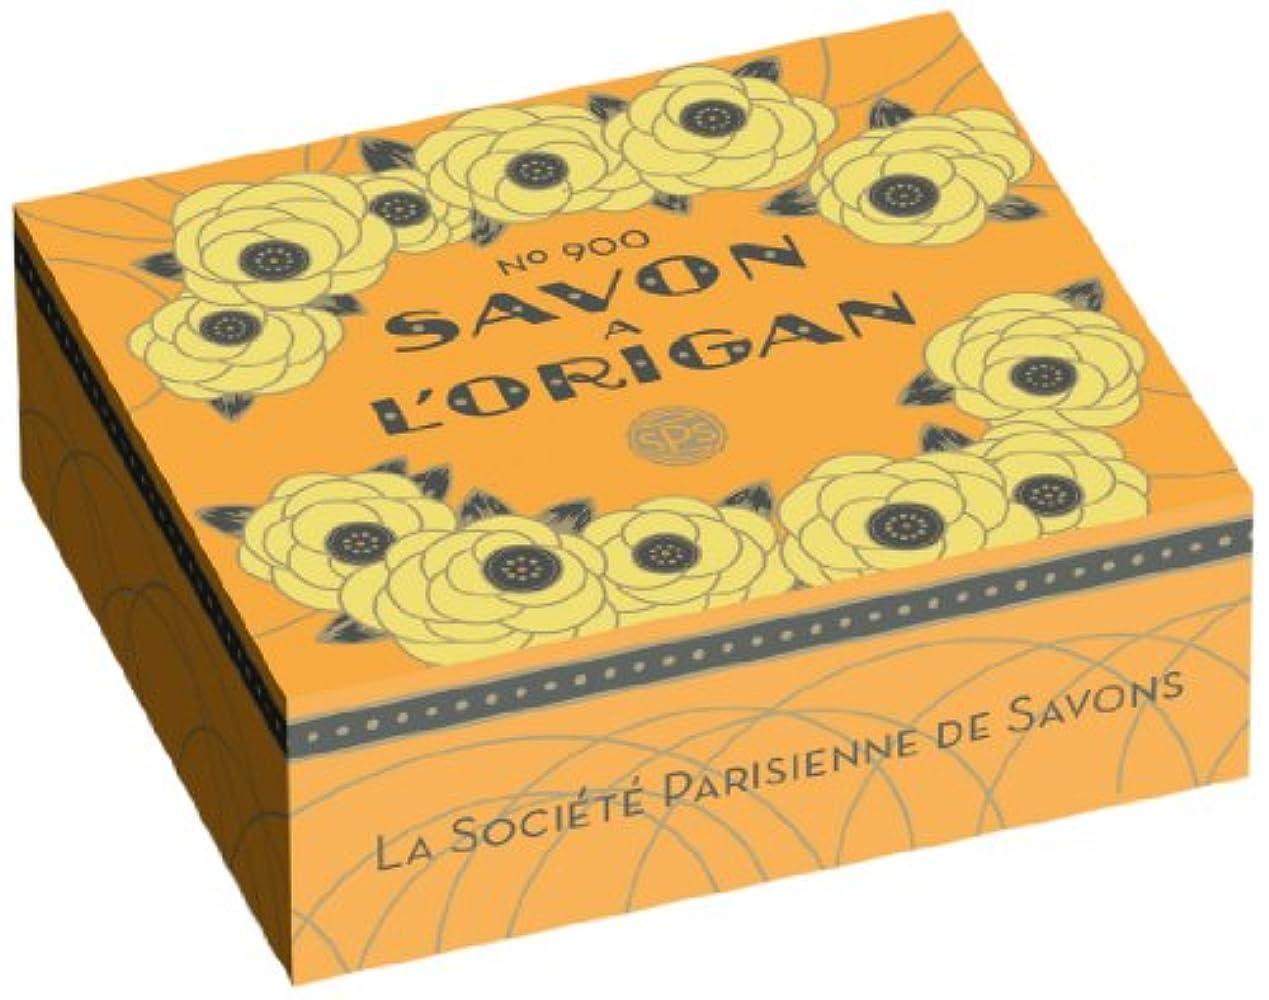 吸い込む計画的知っているに立ち寄る【パリジェンヌ ドゥ サボン】フレグランスソープM/オリガン